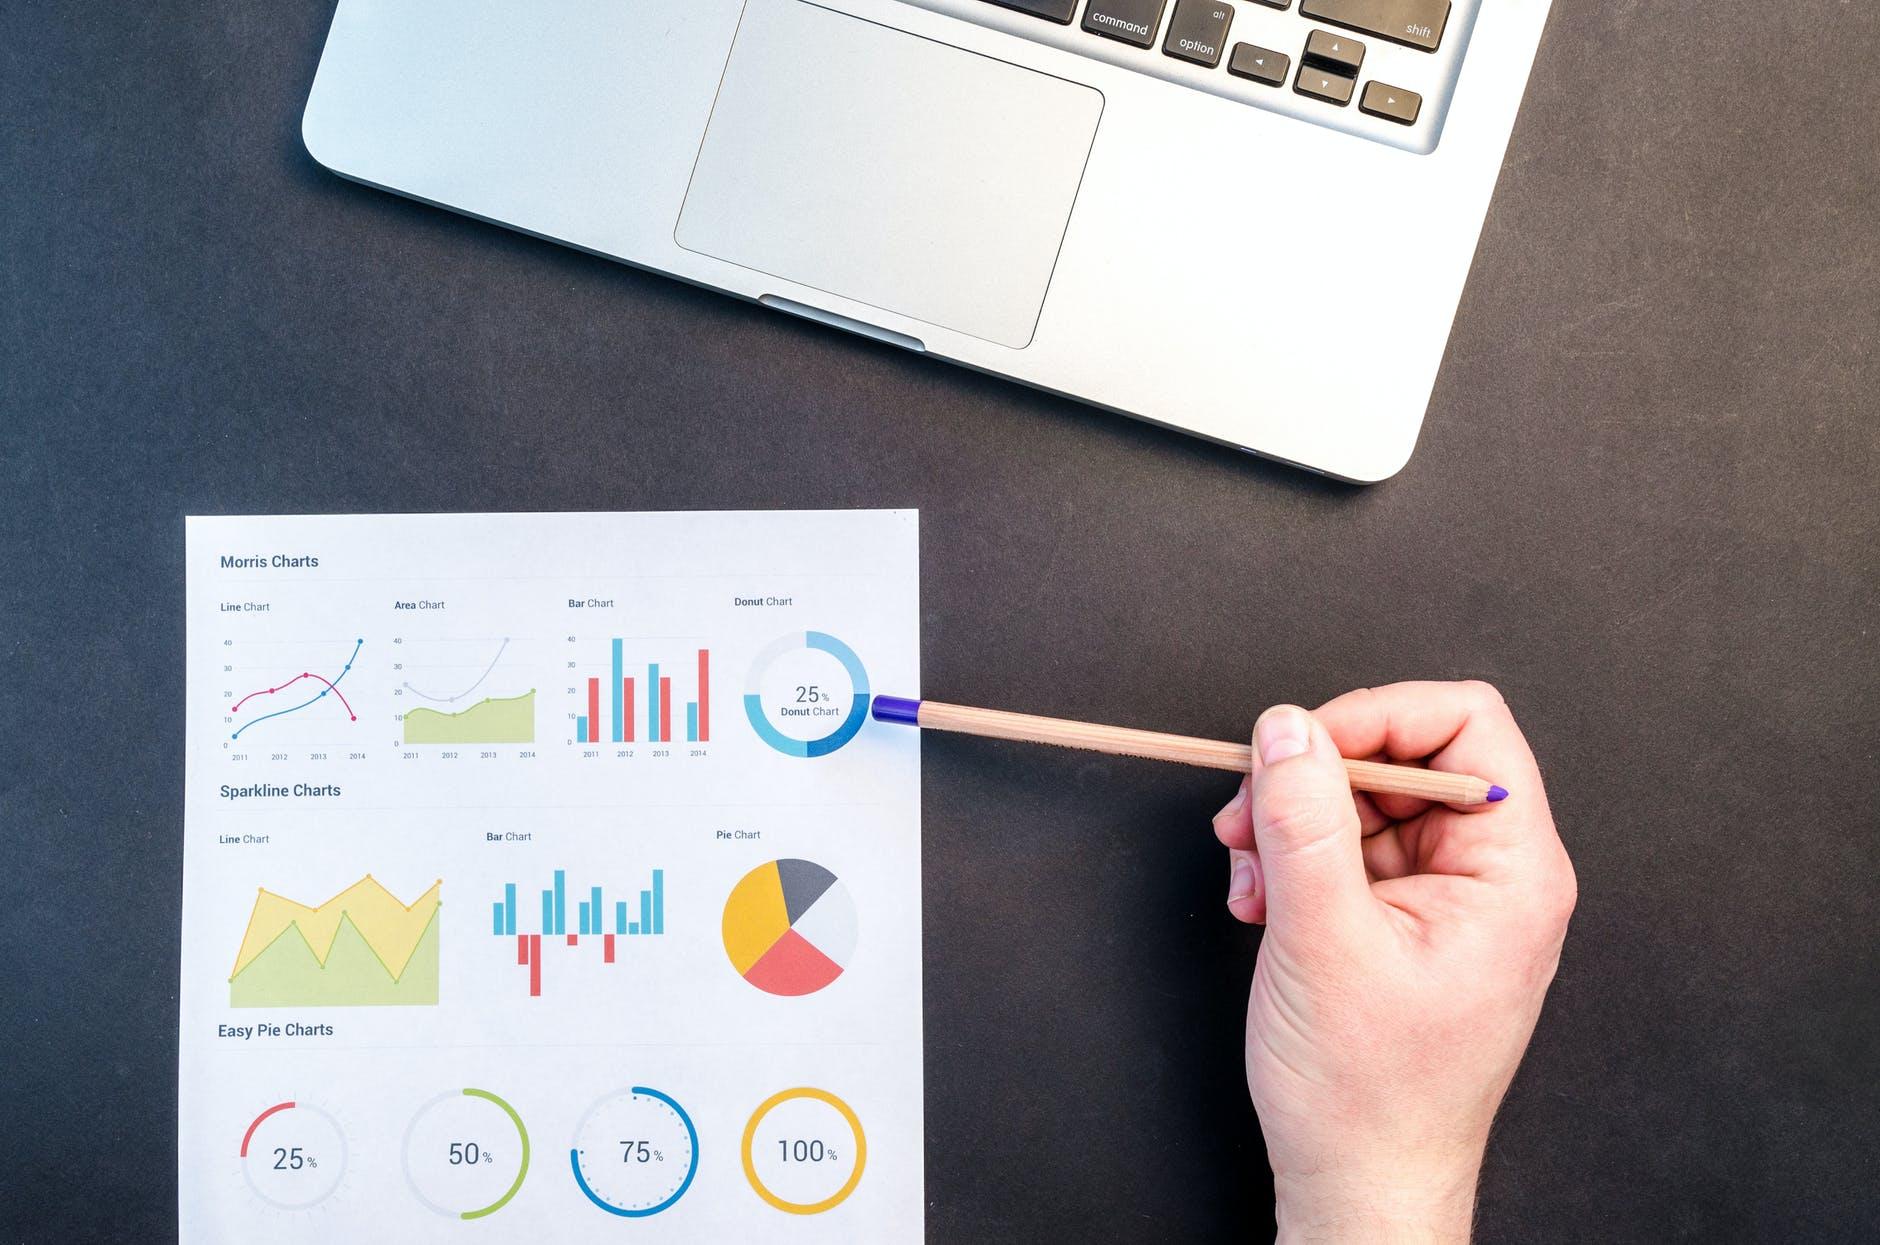 Un studiu nou a identificat 8 moduri în care marketingul s-a schimbat din cauza Covid-19